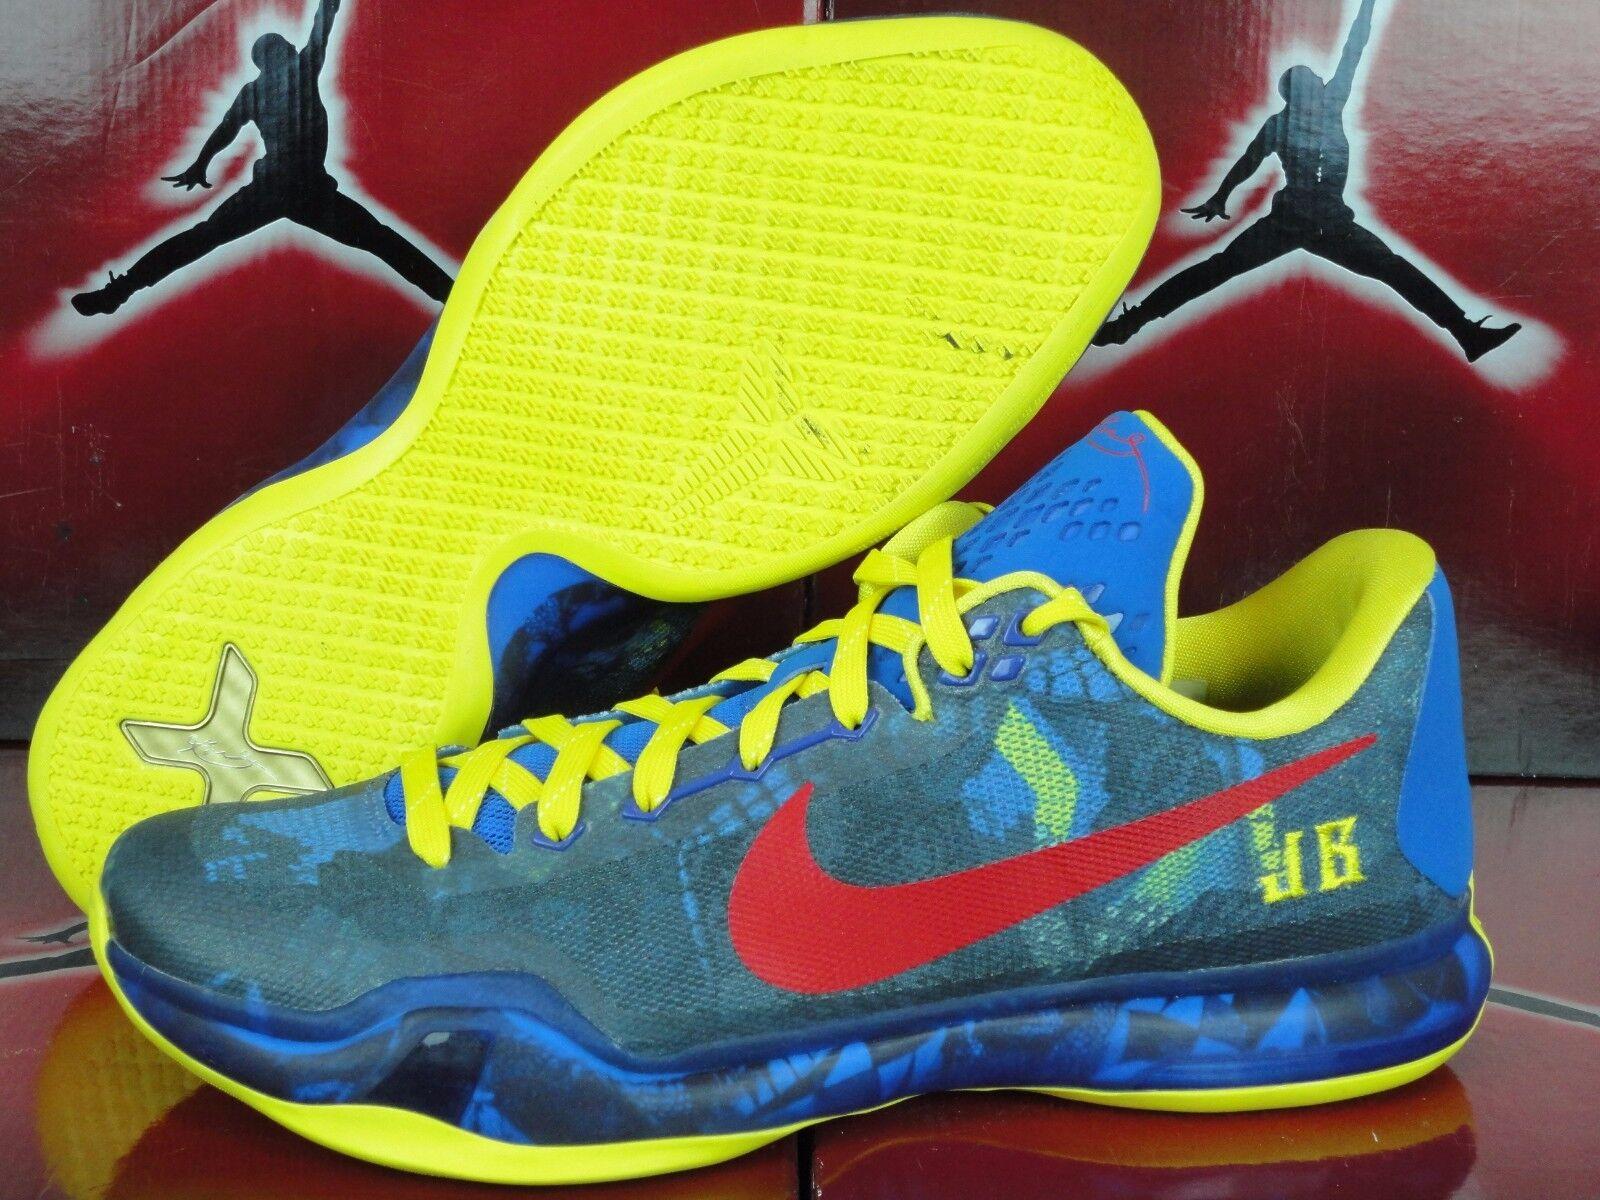 Nike id sz kobe x 10 basso sz id 11,5 - blu giallo rosso mamba momento elite 1438db